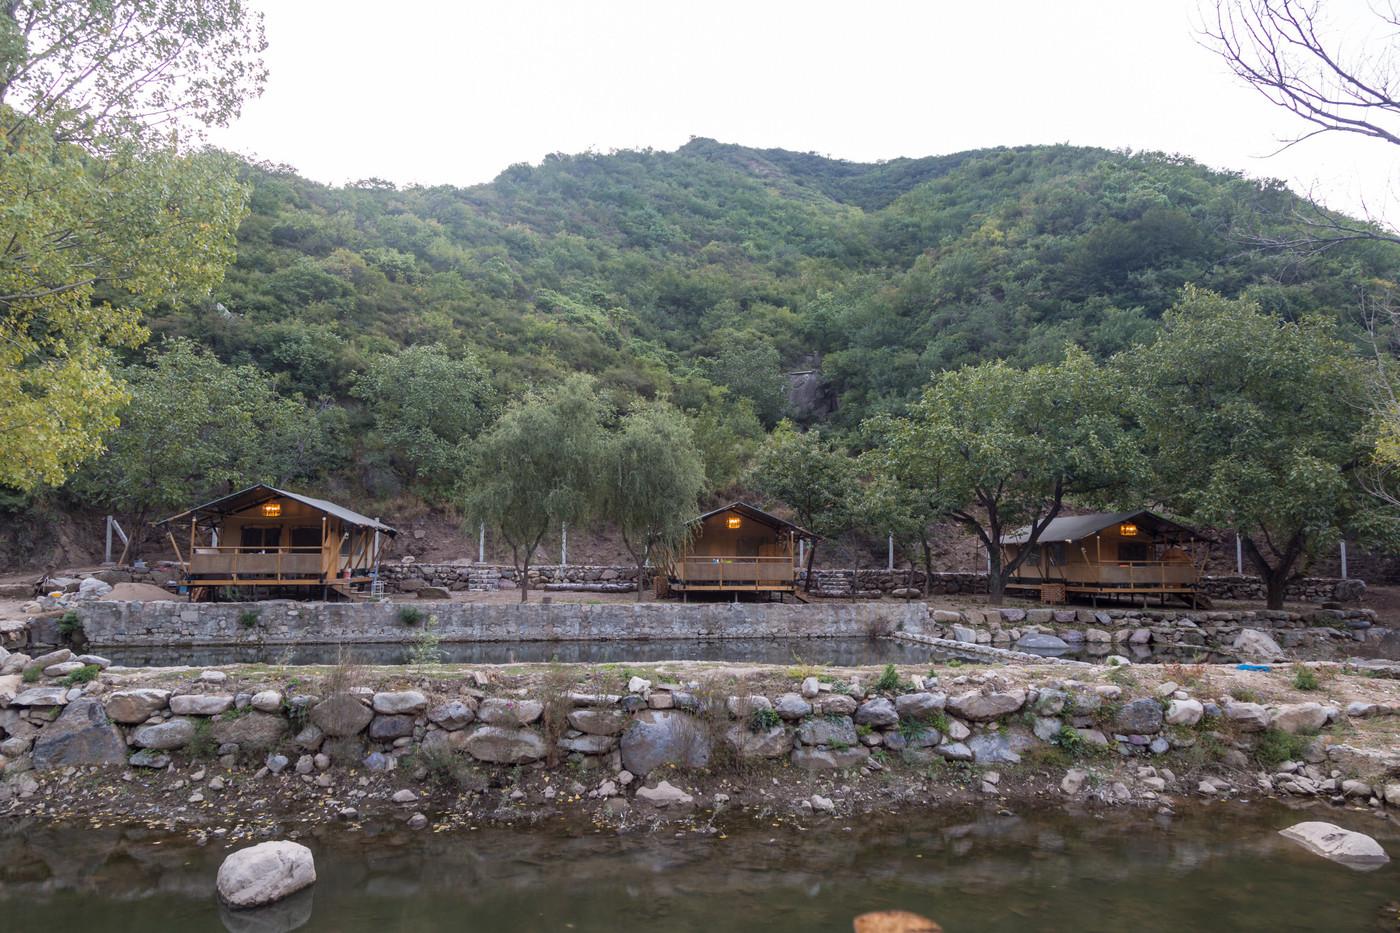 喜马拉雅野奢帐篷酒店一北京石头 剪刀 布一私享院子 54平山谷型  5